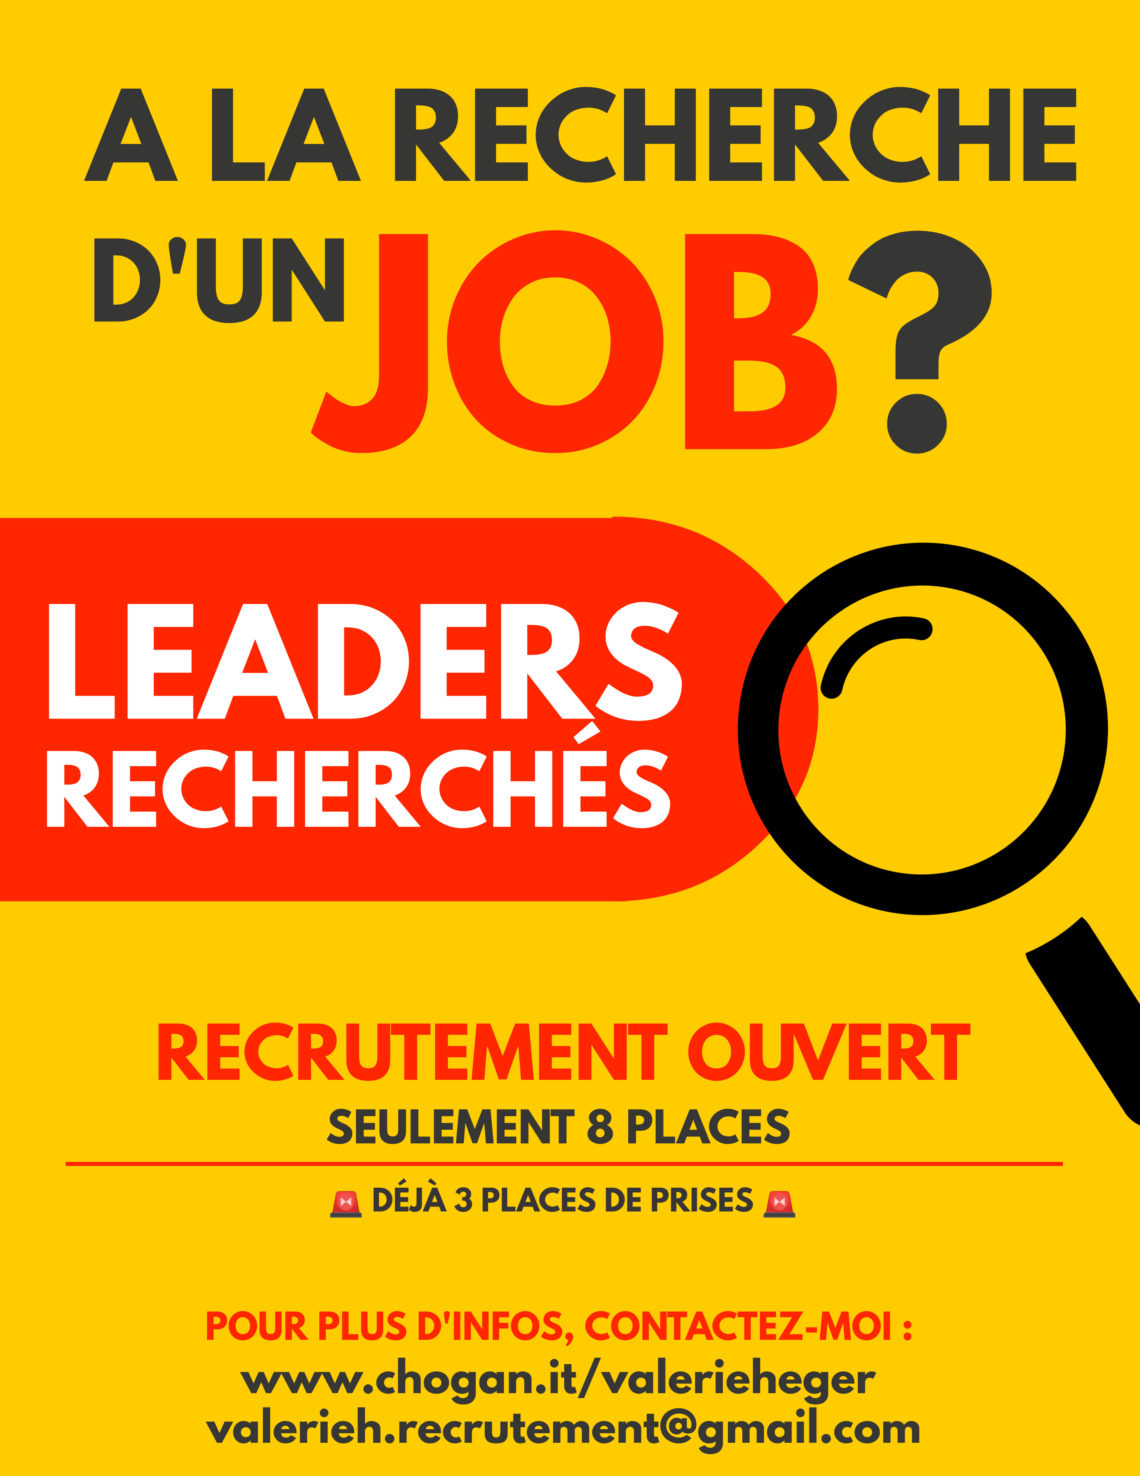 A la recherche d'un JOB